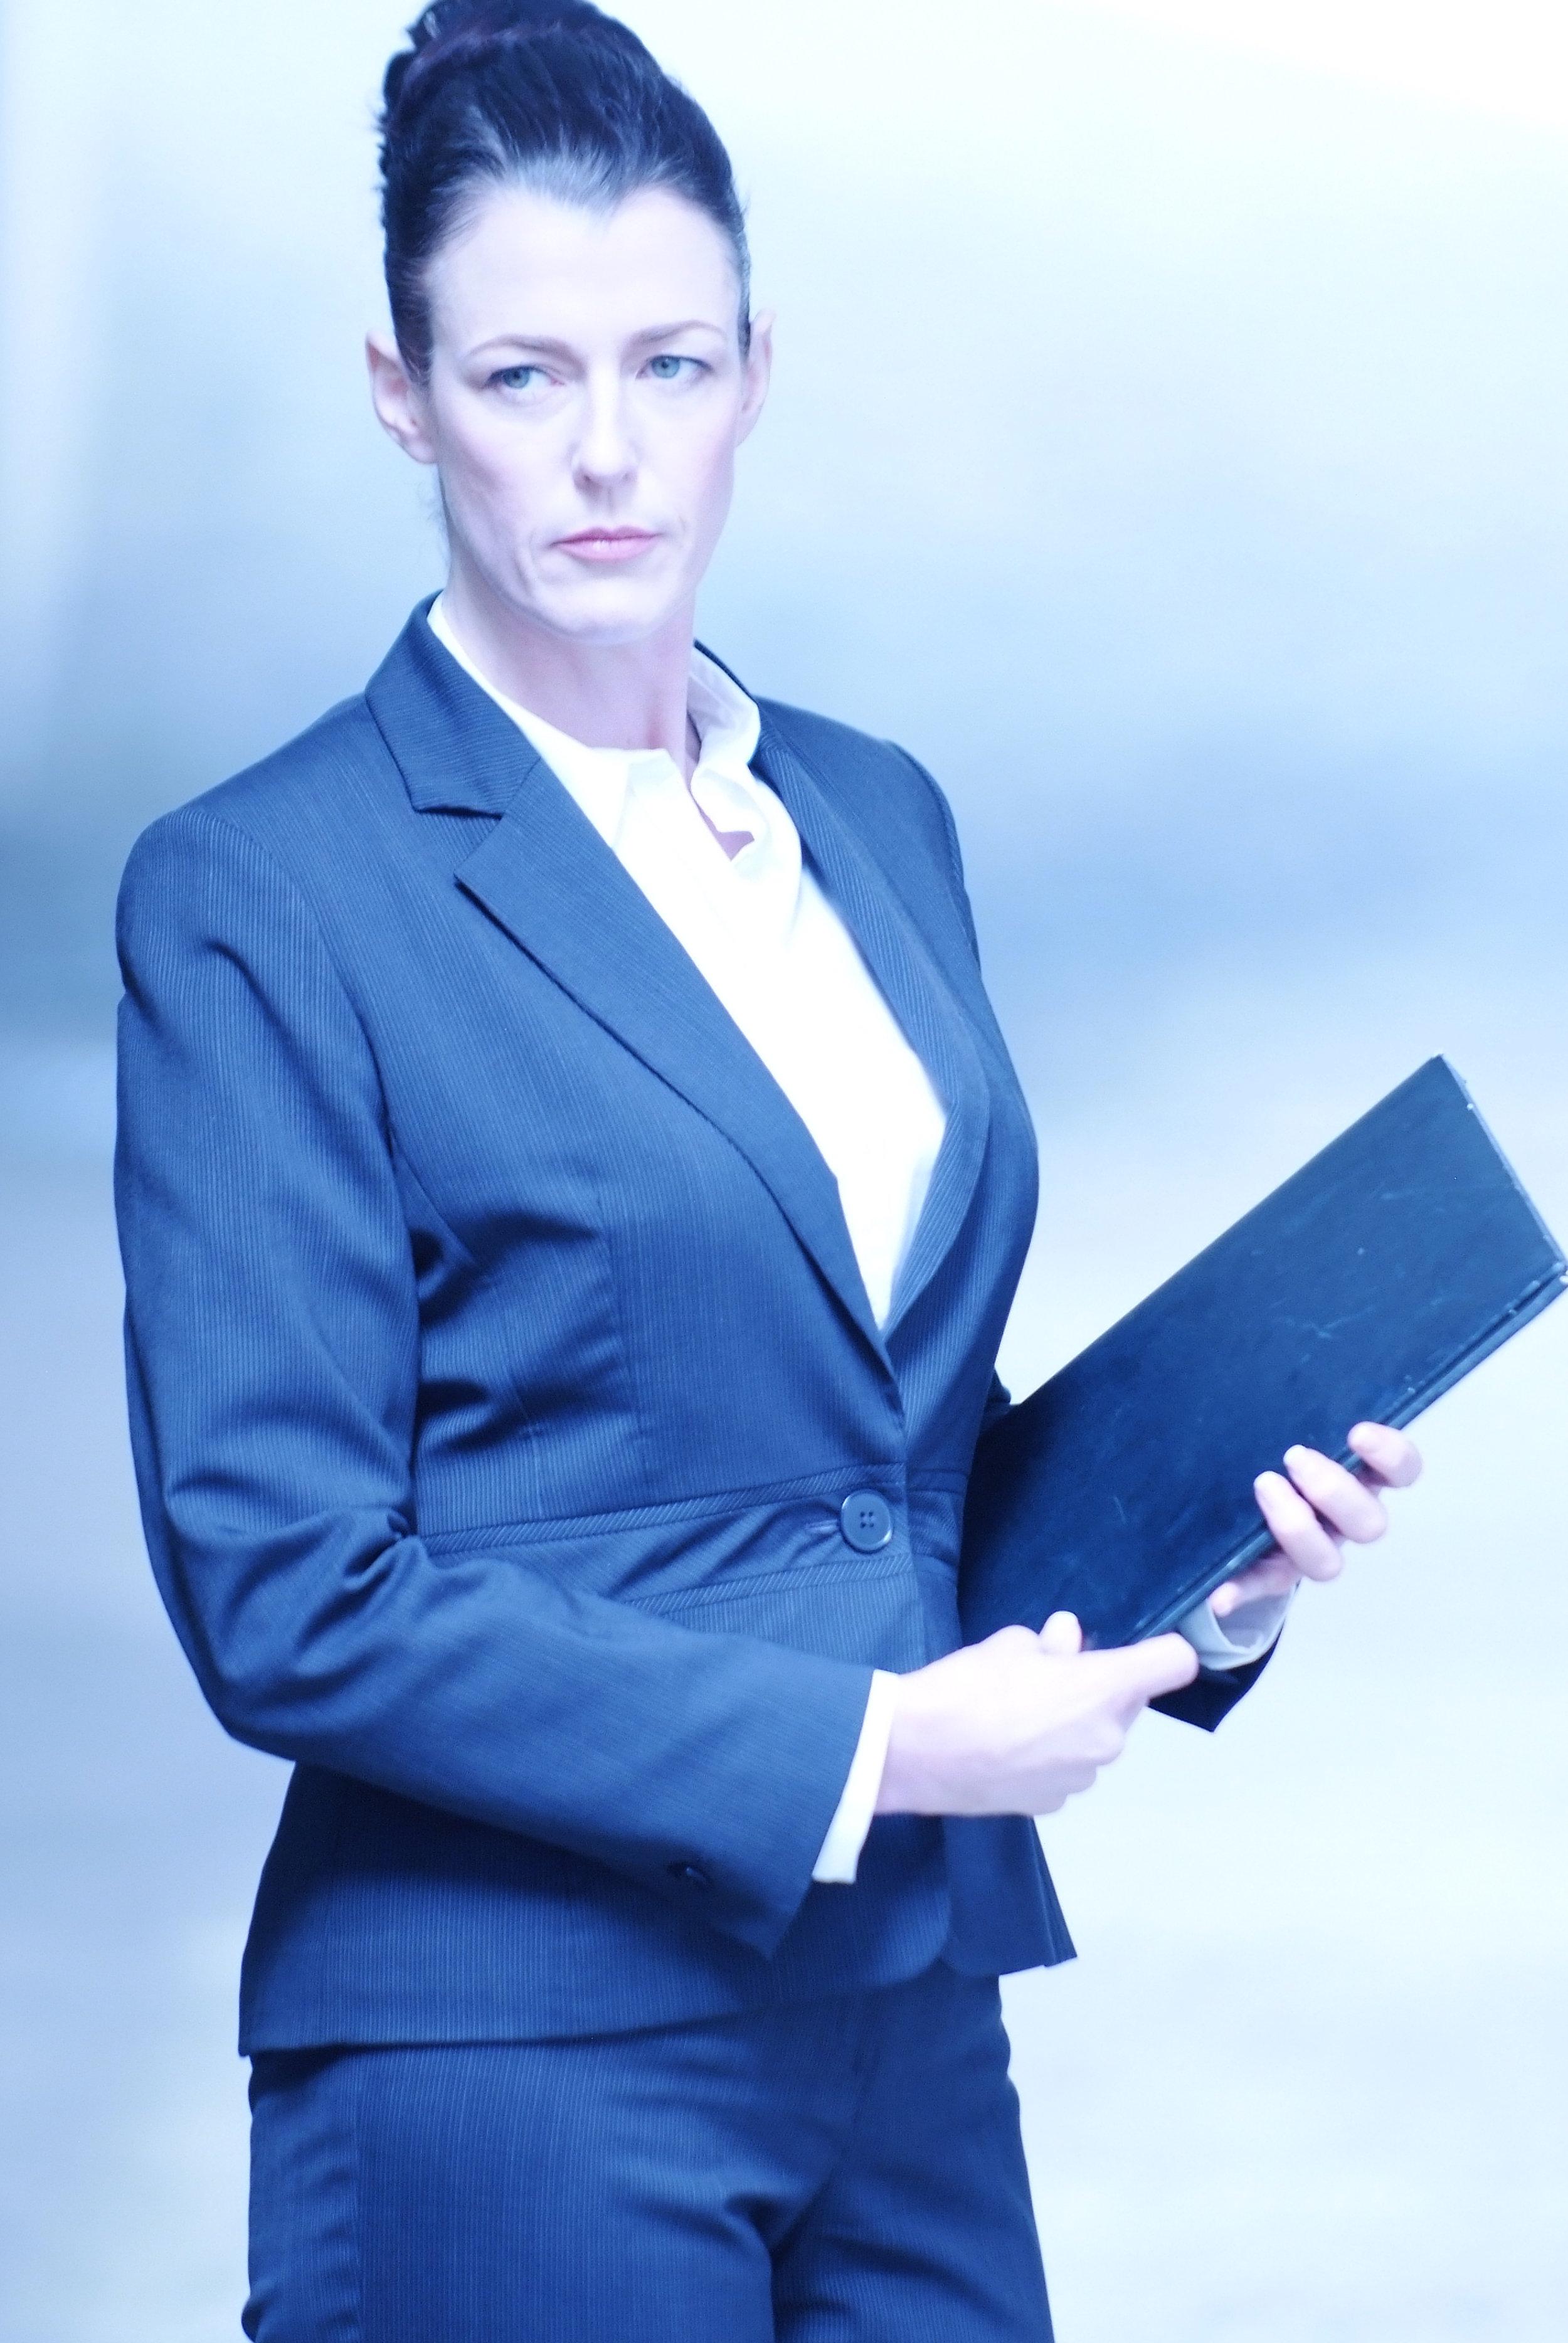 PP Business woman folder light .jpeg